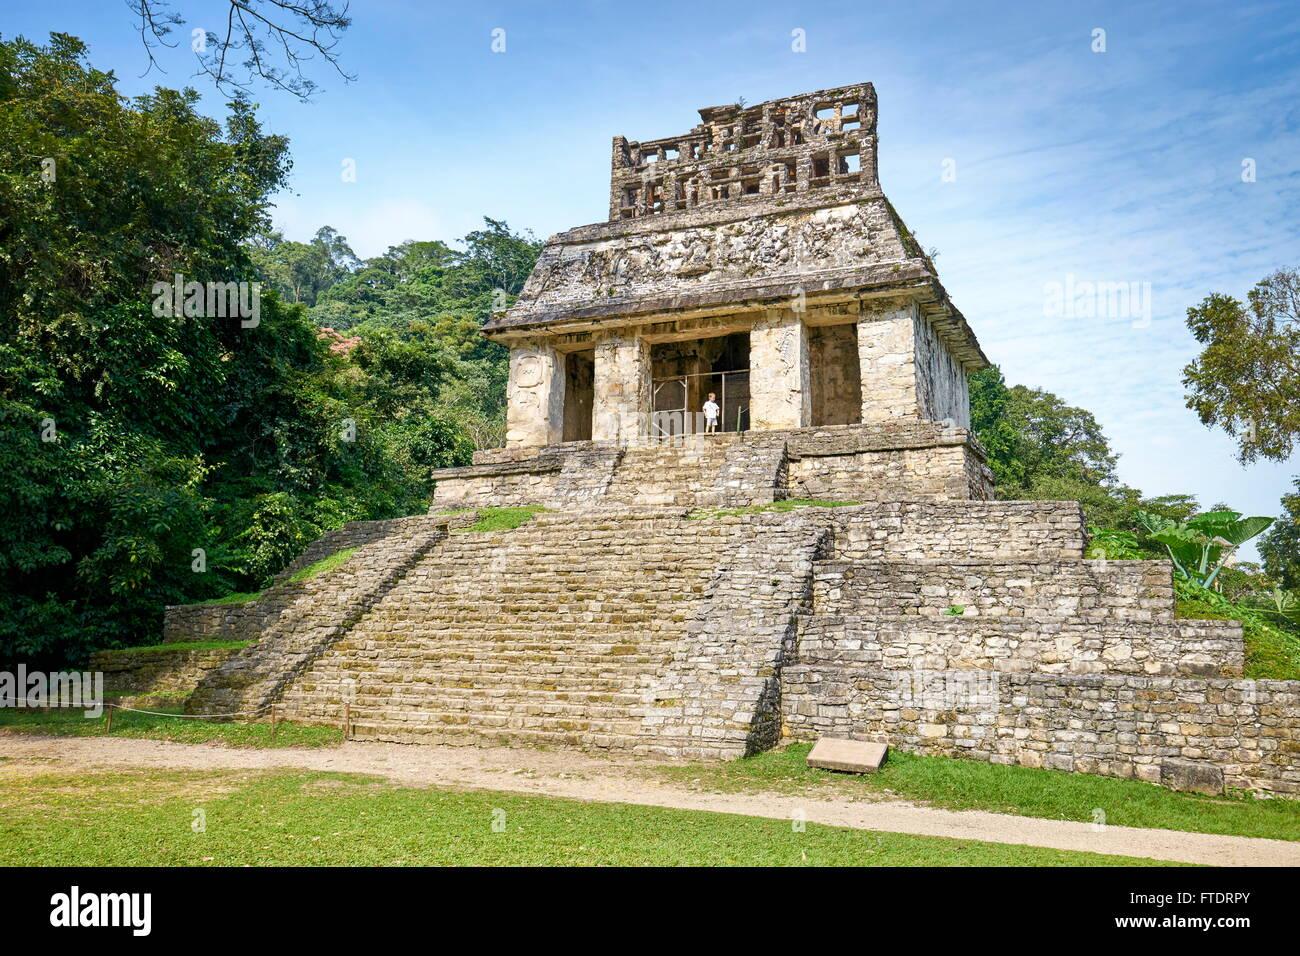 Temple du Soleil, l'ancienne ville Maya de Palenque, Chiapas, Mexique Photo Stock